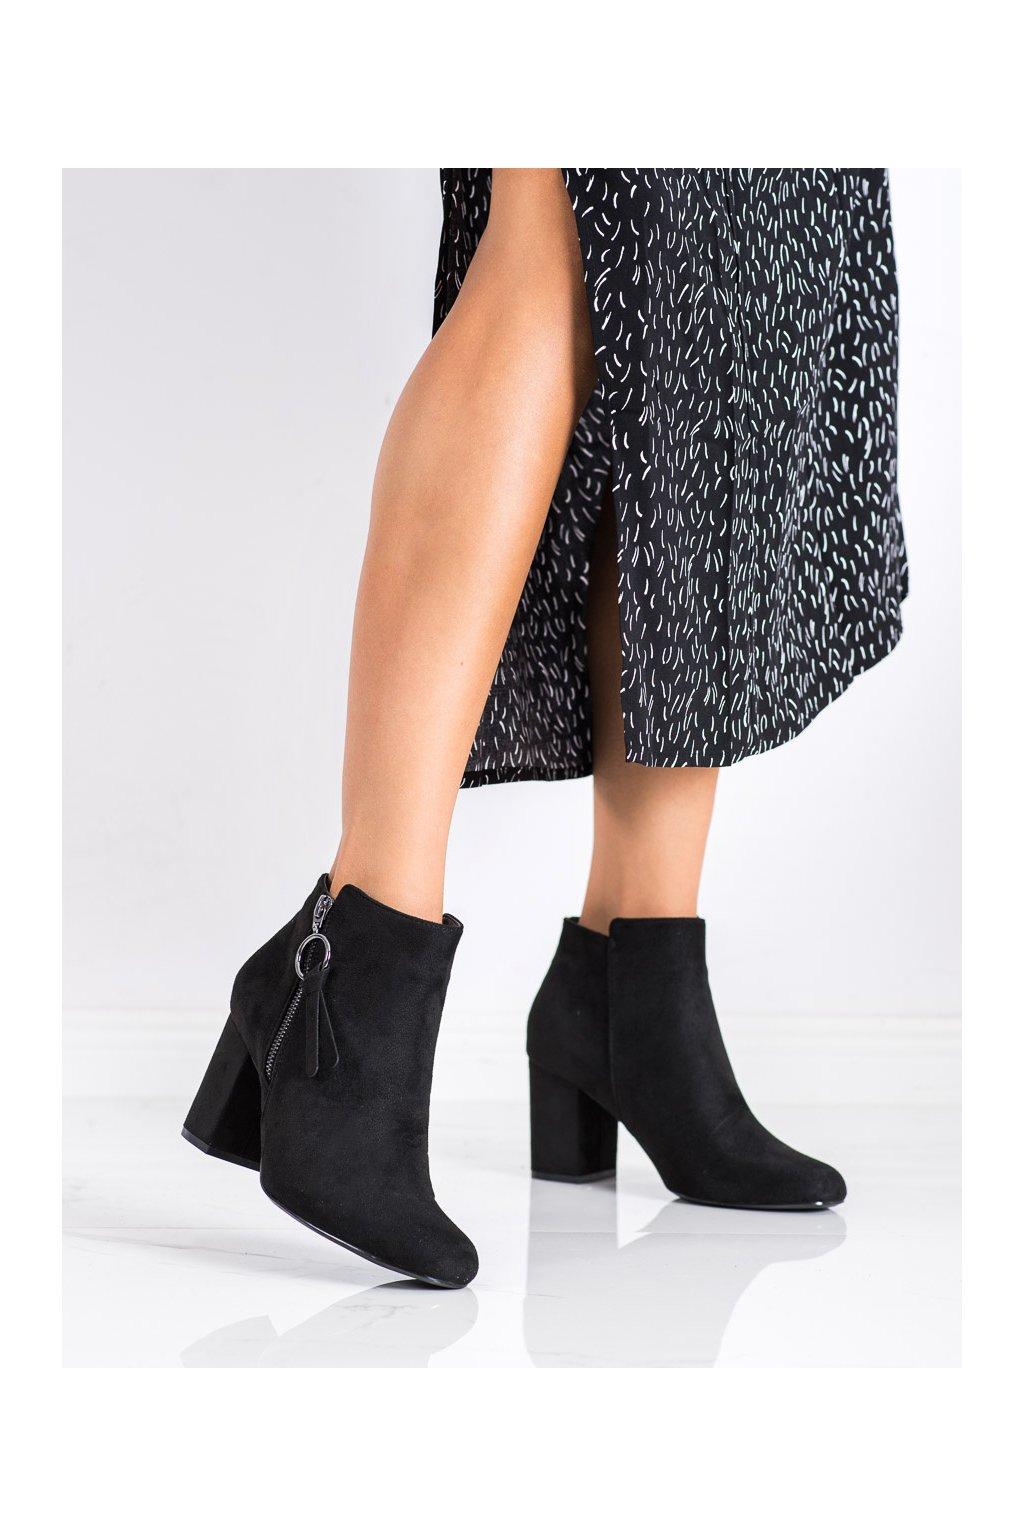 Čierne dámske topánky Goodin kod GD-KW-13B